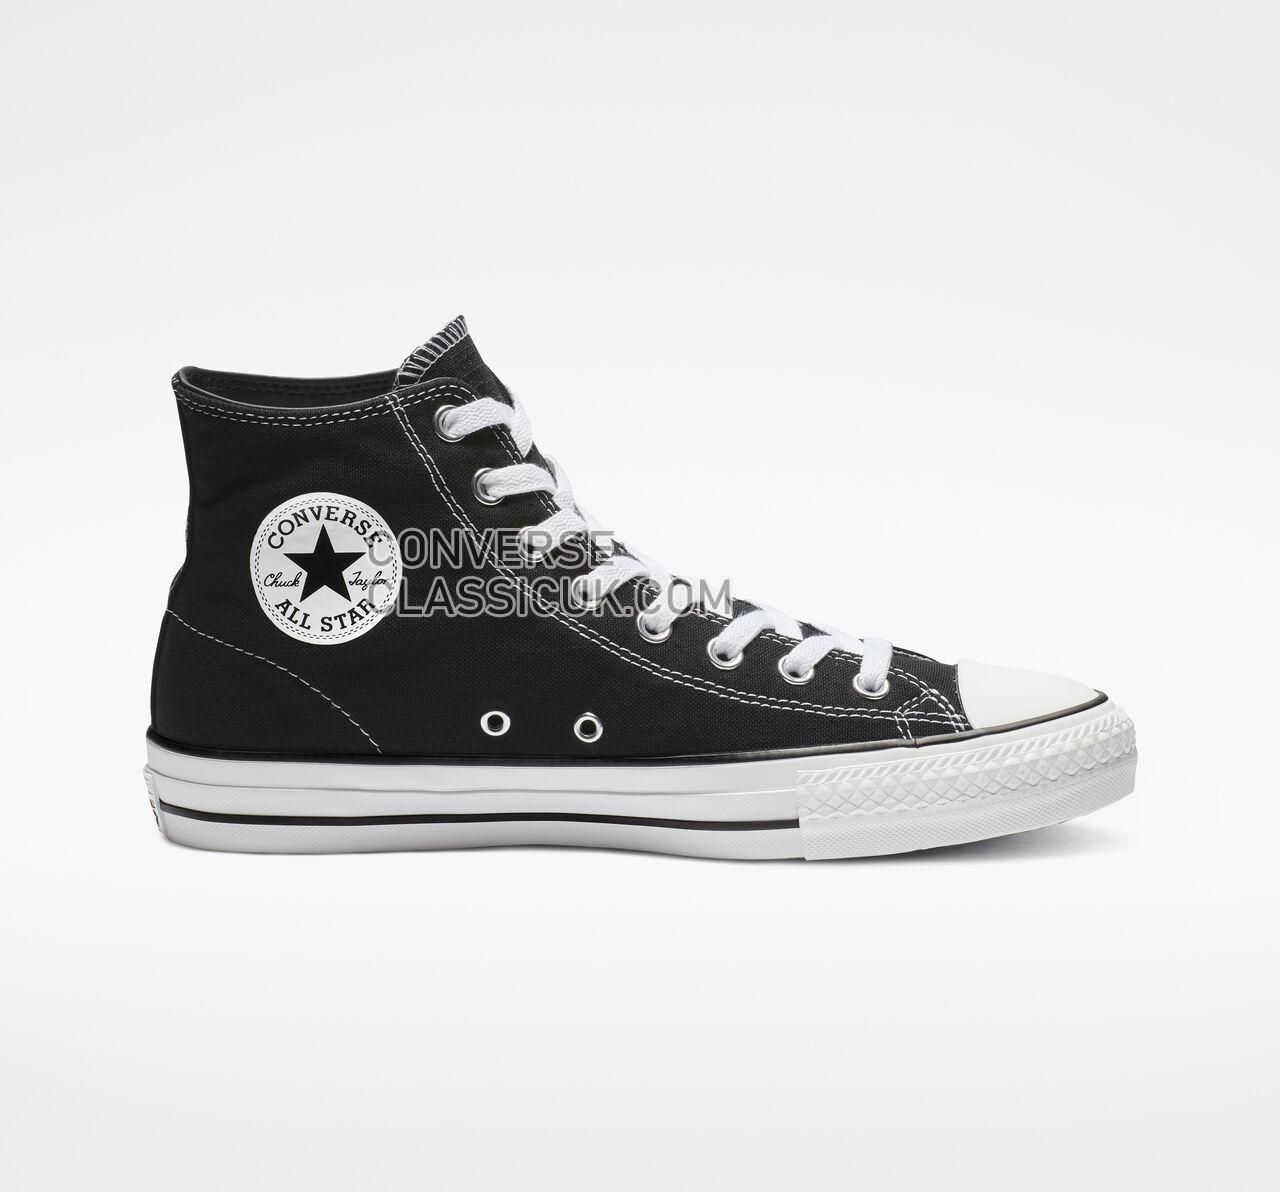 Converse CTAS Pro High Top Mens Womens Unisex 159575C Black/Black/White Shoes